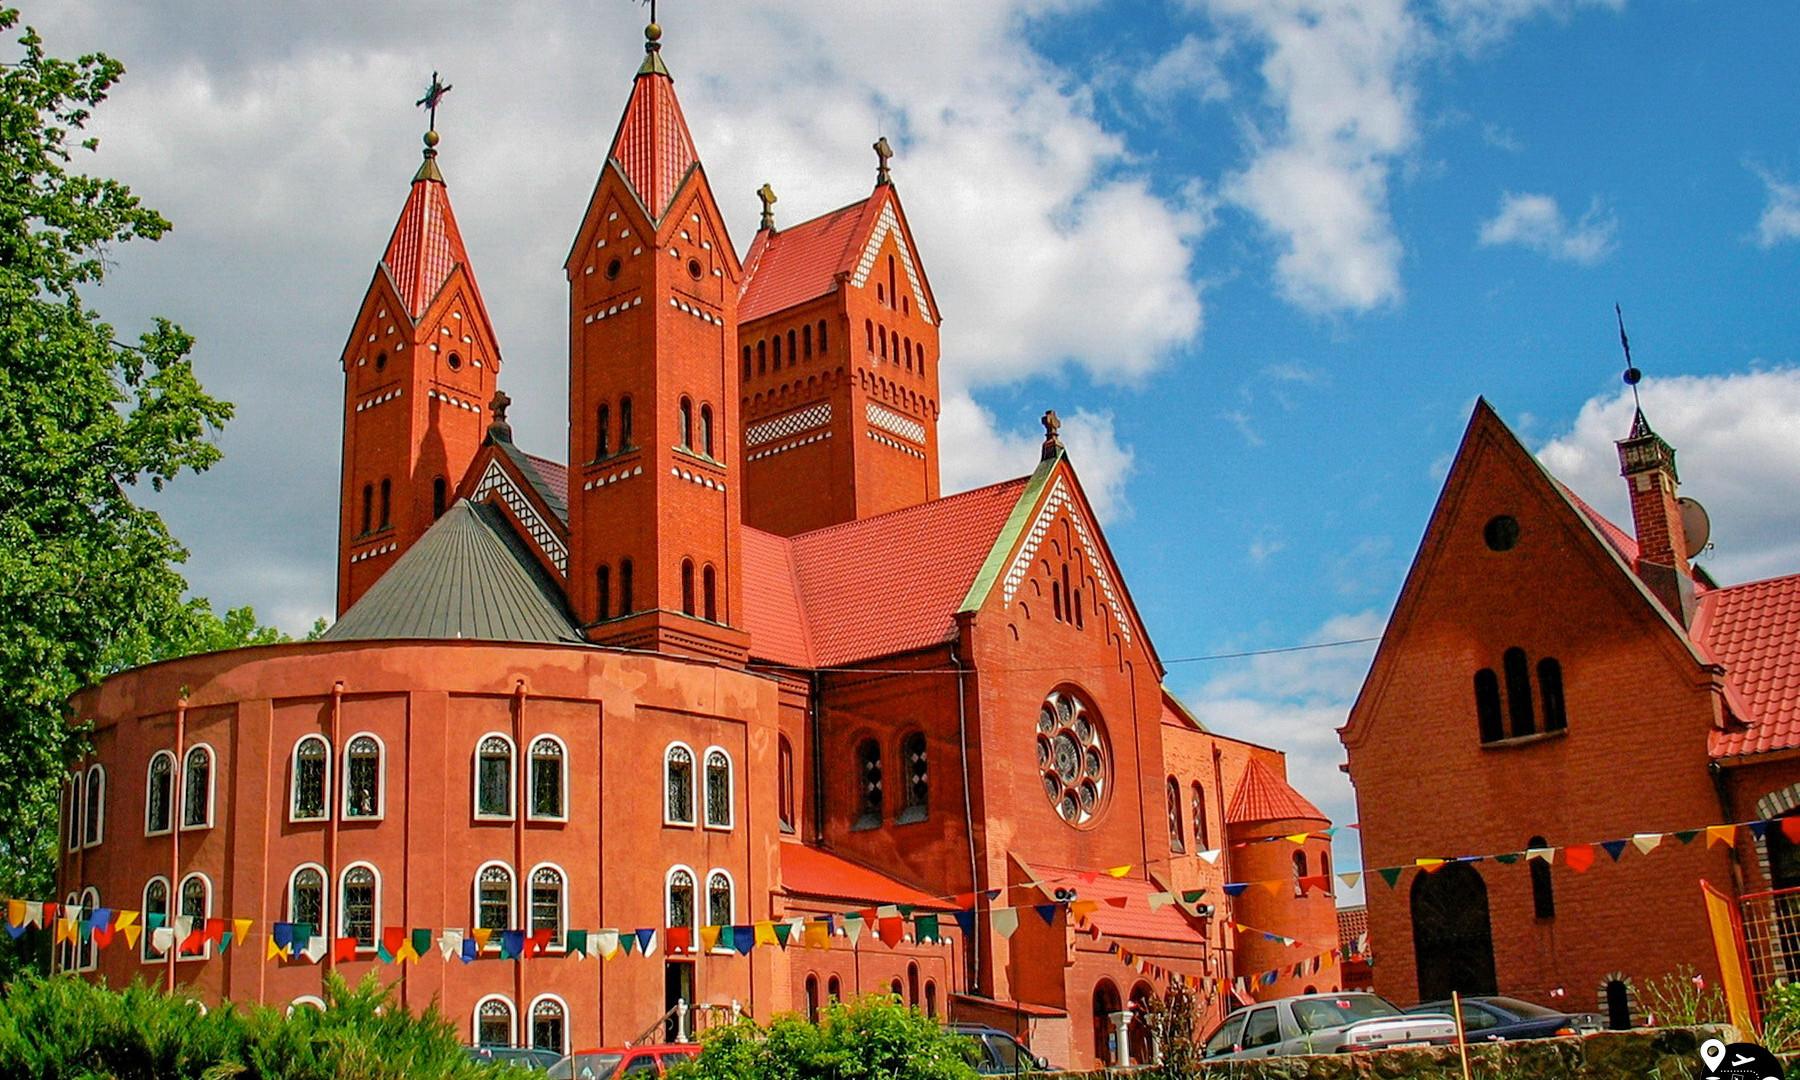 Собор Святого Симеона и Святой Елены, Минск